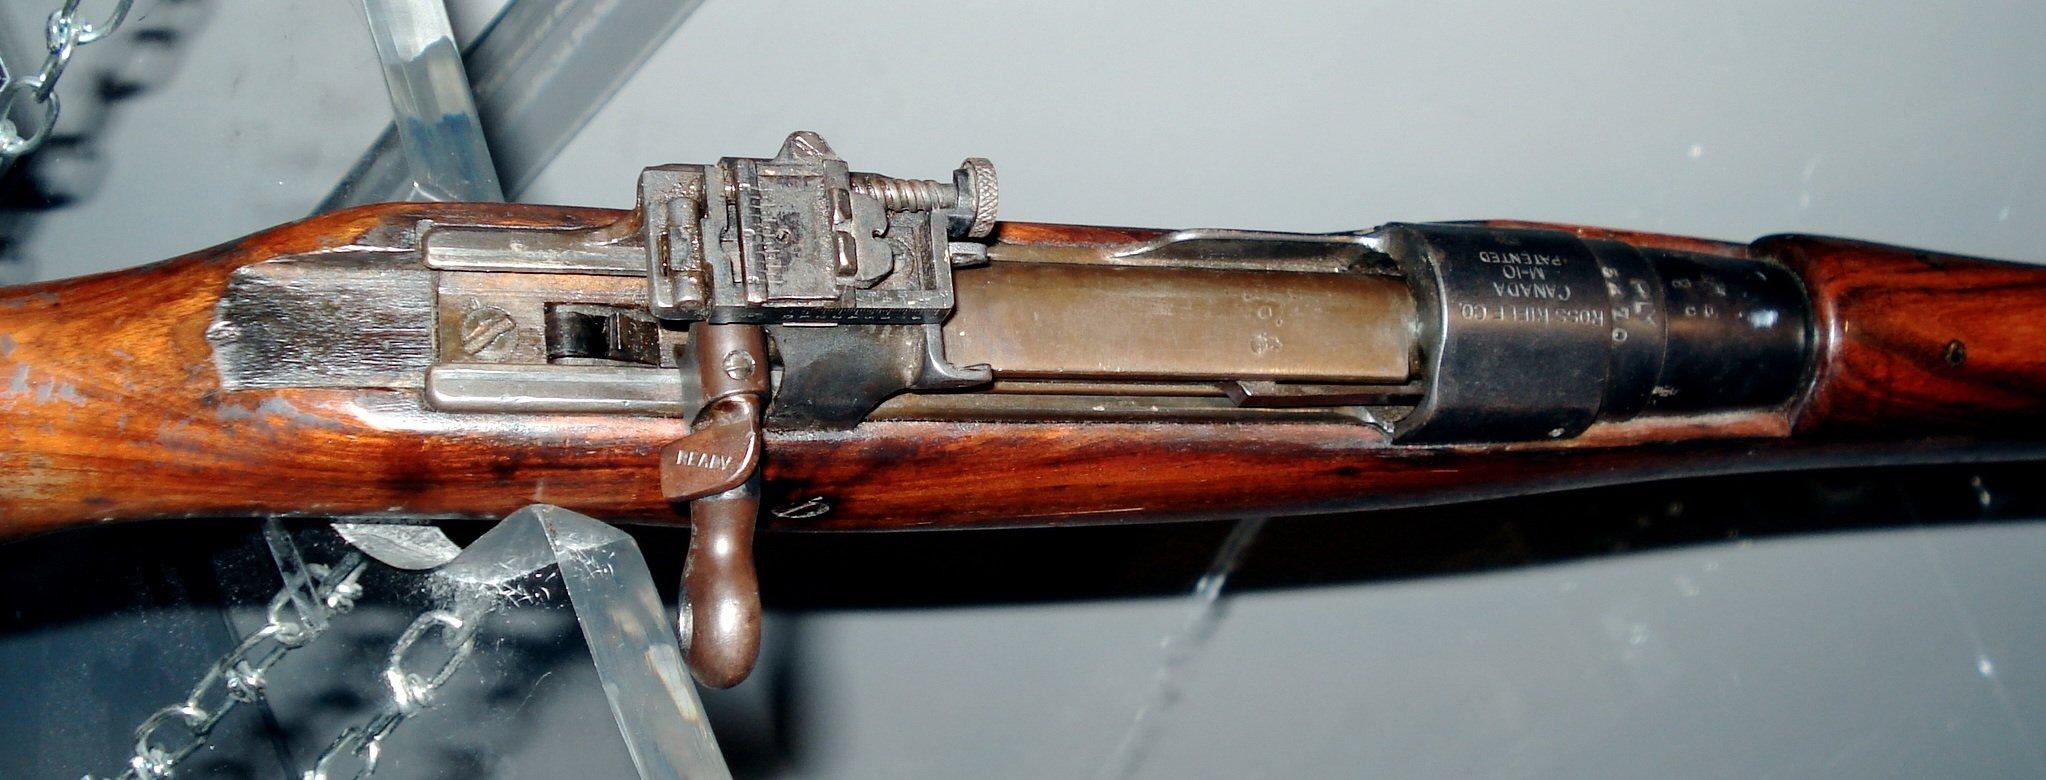 Conheça 10 armamentos que deram completamente errado em sua criação